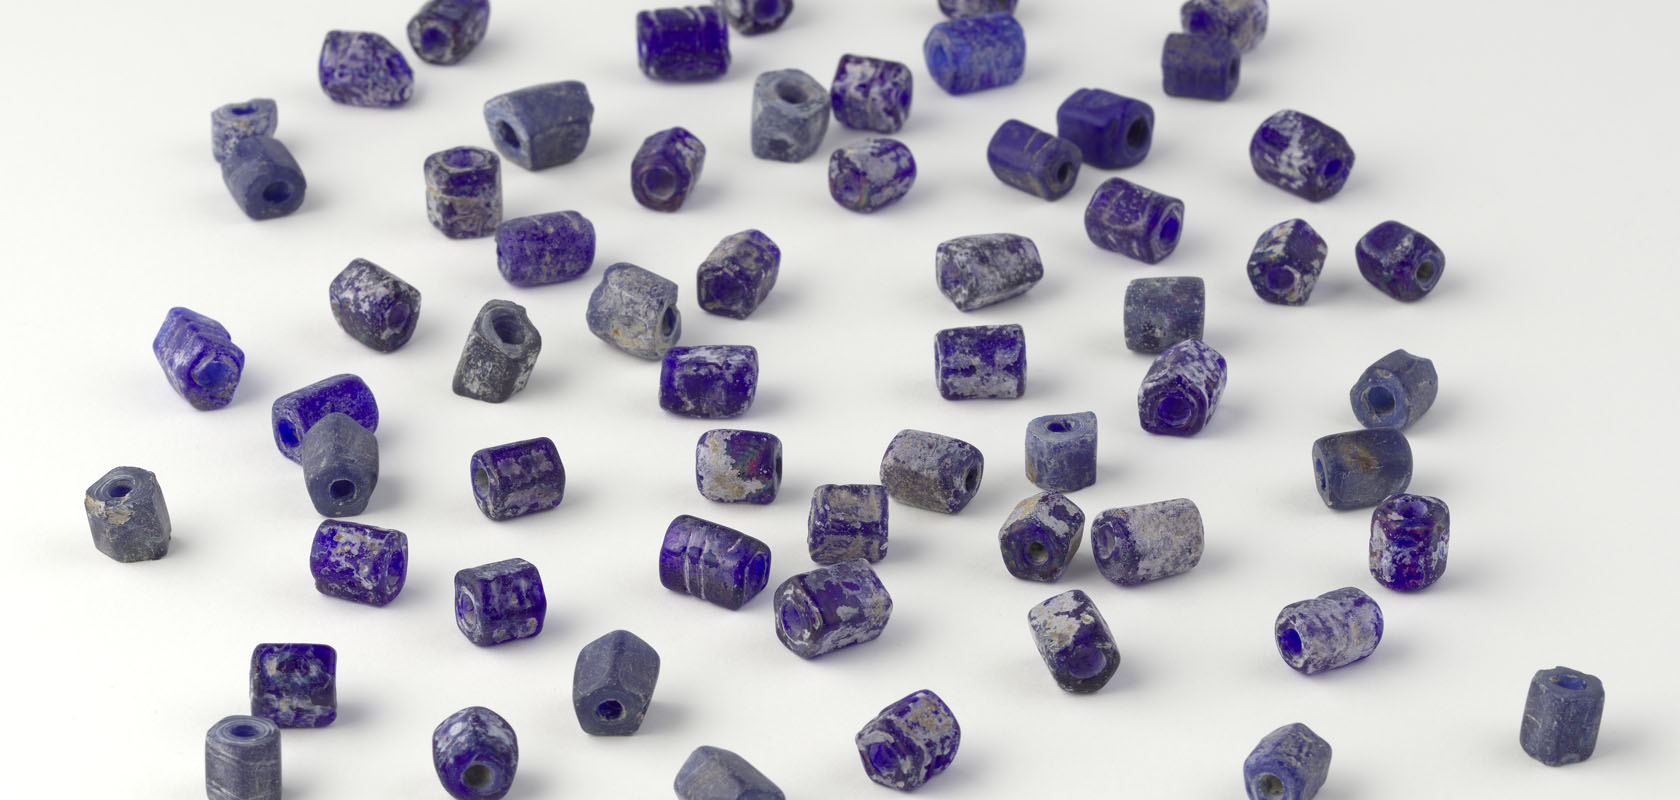 Selectie-blauwe-kralen-afkomstig-van-Sint-Eustatius-18de–19de-eeuw.-Glas-diverse-afmetingen-Oranjestad-Sint-Eustatius-1680x800-1